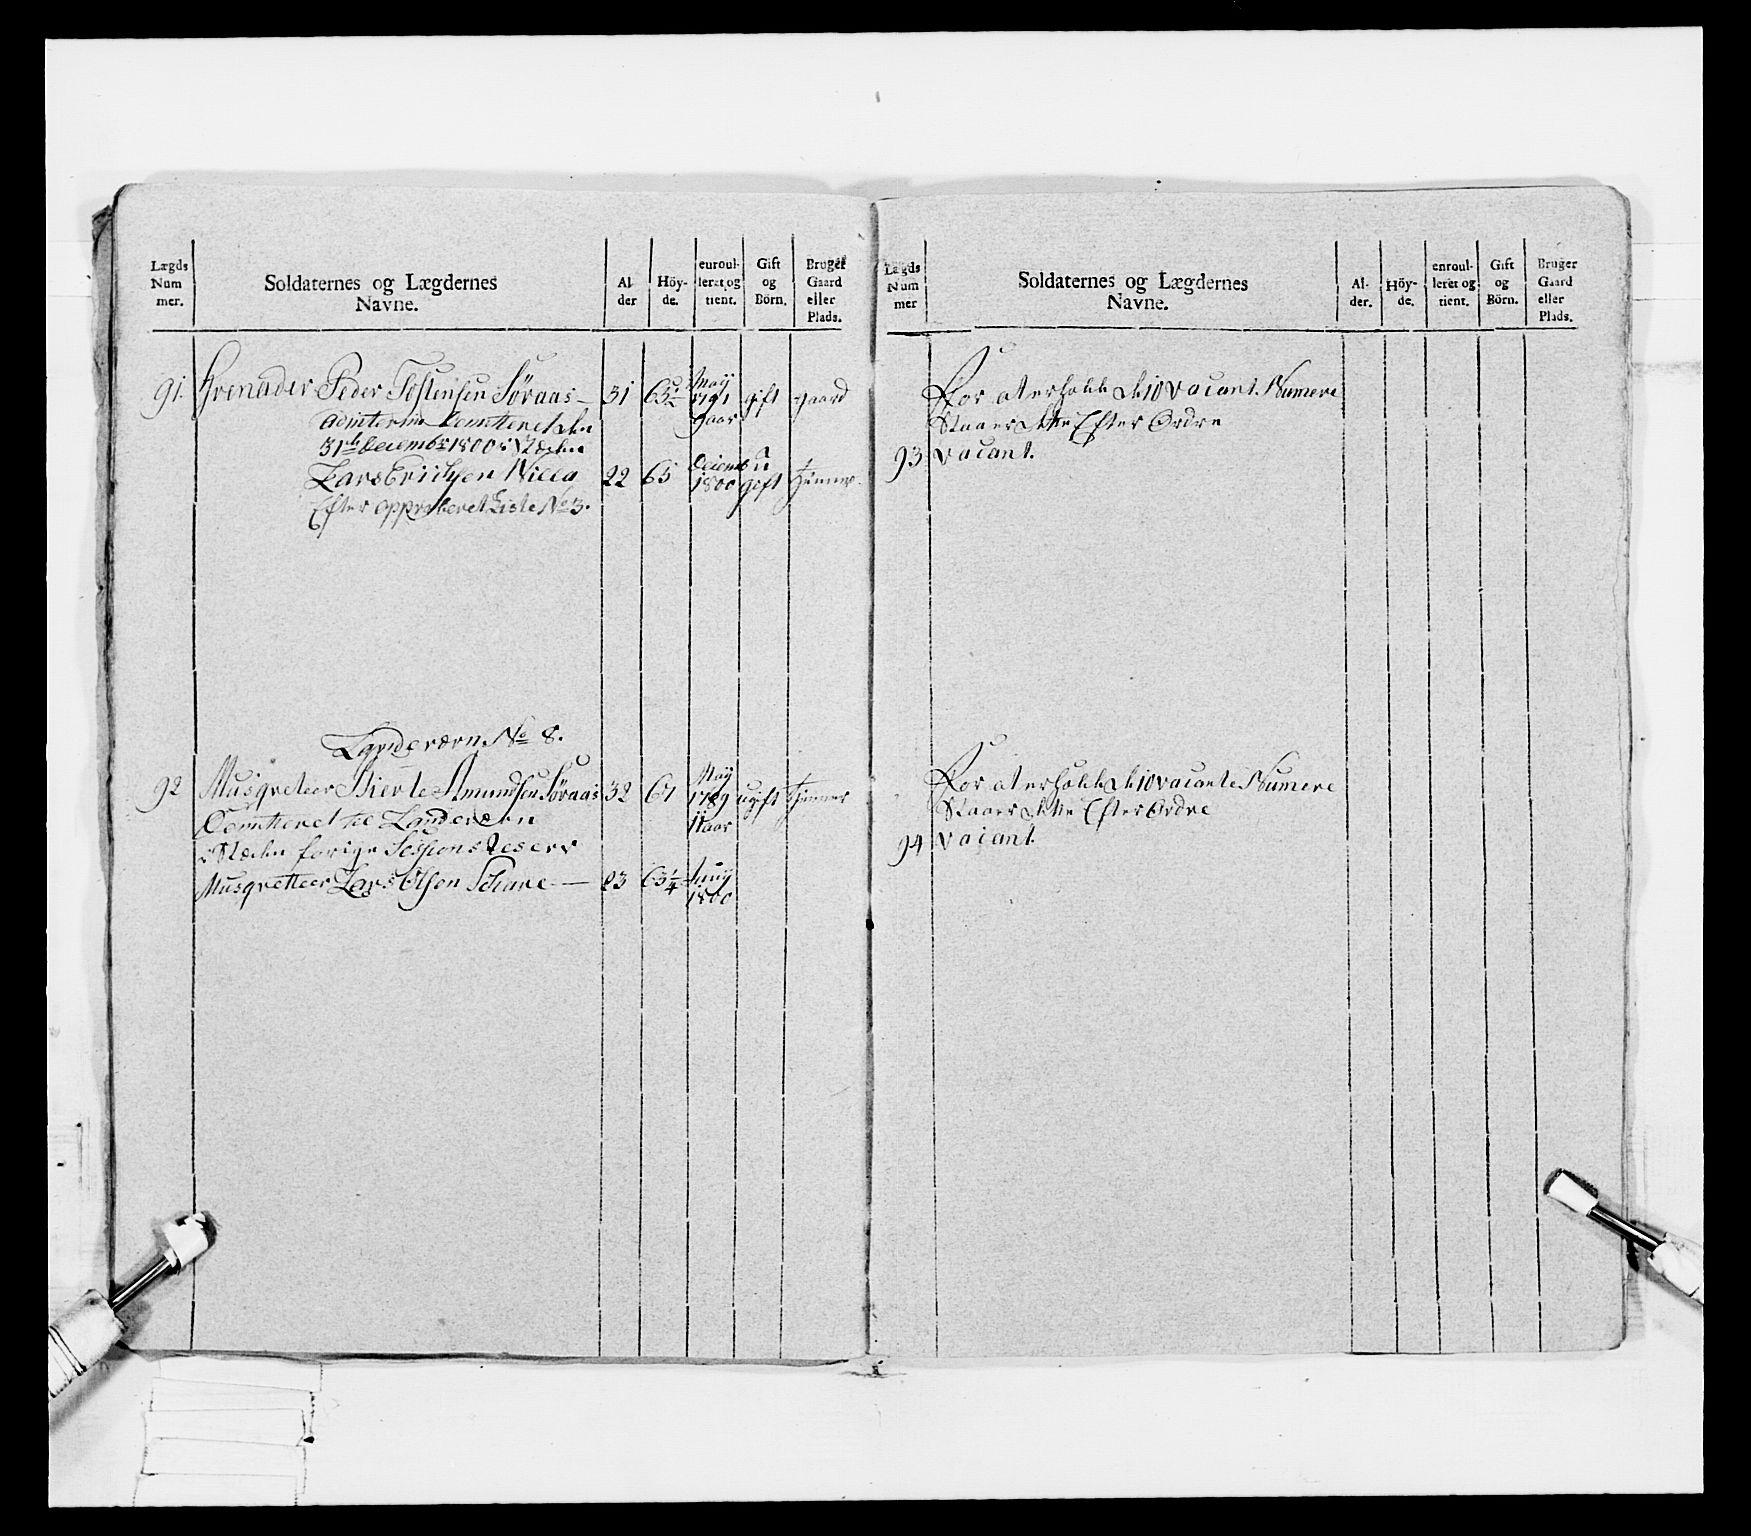 RA, Generalitets- og kommissariatskollegiet, Det kongelige norske kommissariatskollegium, E/Eh/L0080: 2. Trondheimske nasjonale infanteriregiment, 1792-1800, s. 123